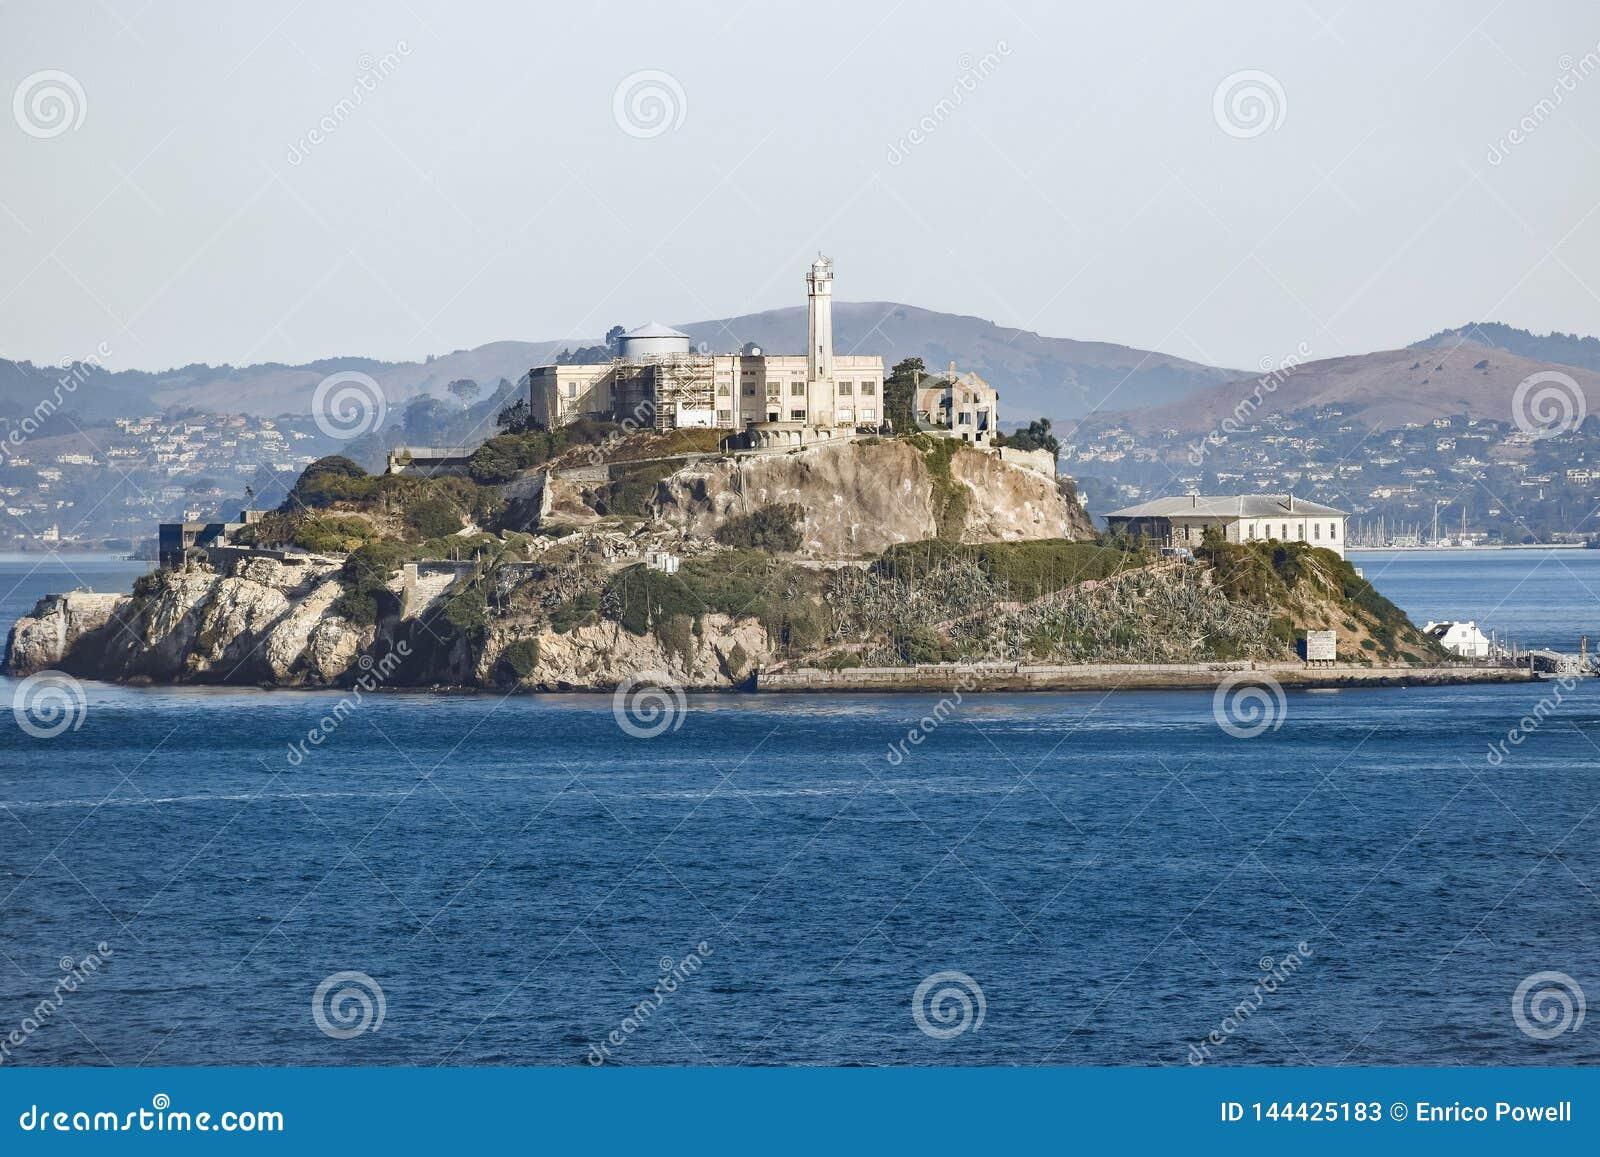 阿尔卡特拉斯岛监狱海岛在旧金山,加利福尼亚